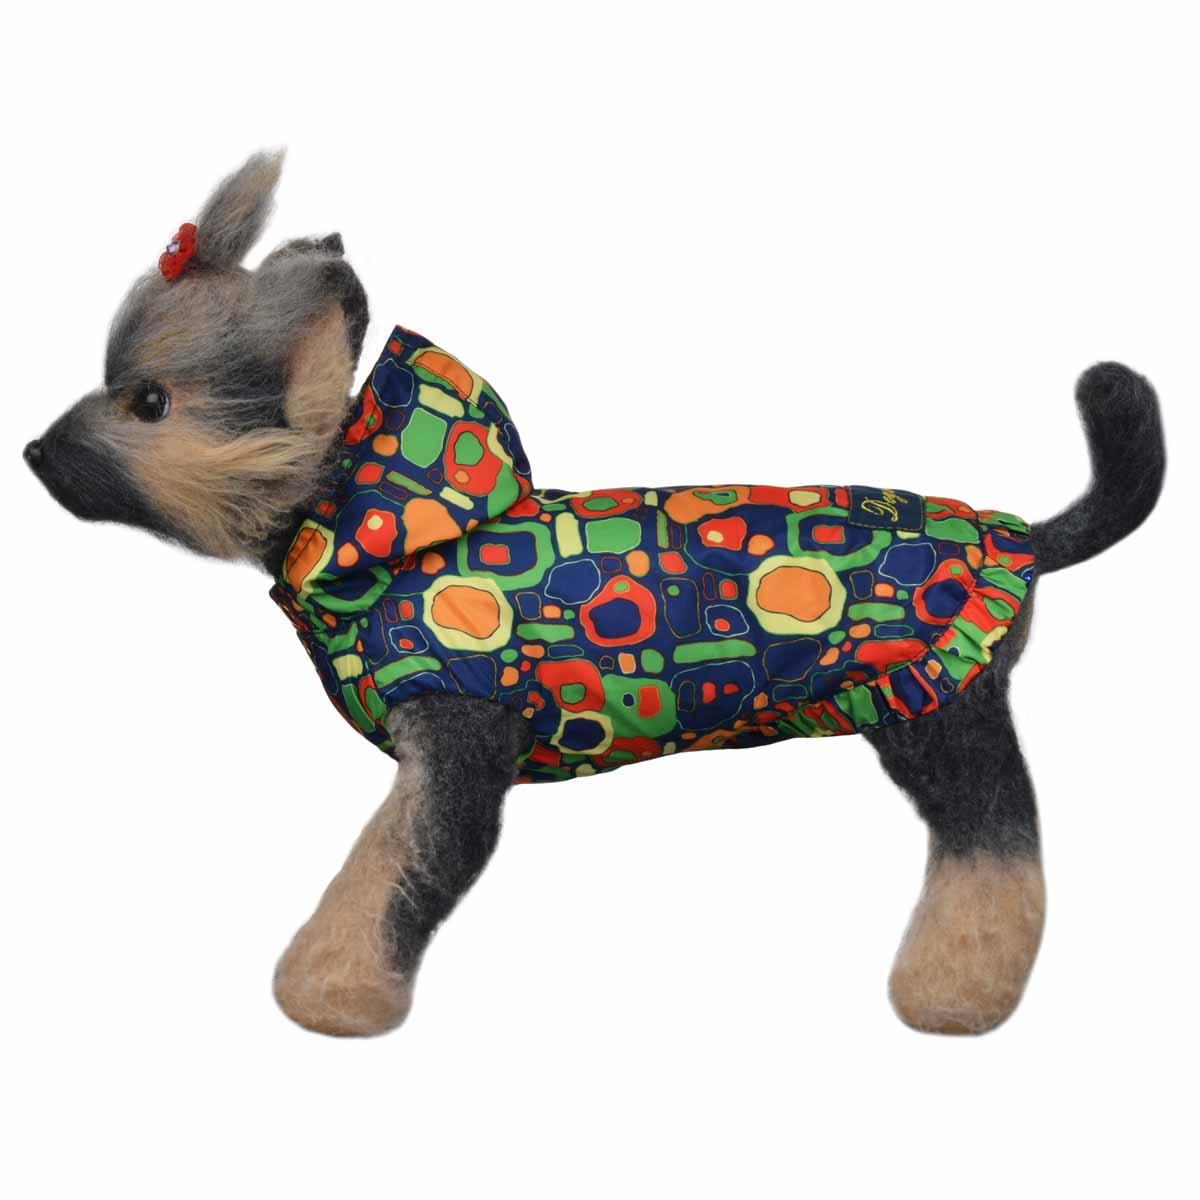 Dogmoda Ветровка для собак Сити-4DM-160108-4Яркая, модная куртка для собаки. Выполнена из непромокаемой ткани, на хлопковой подкладке